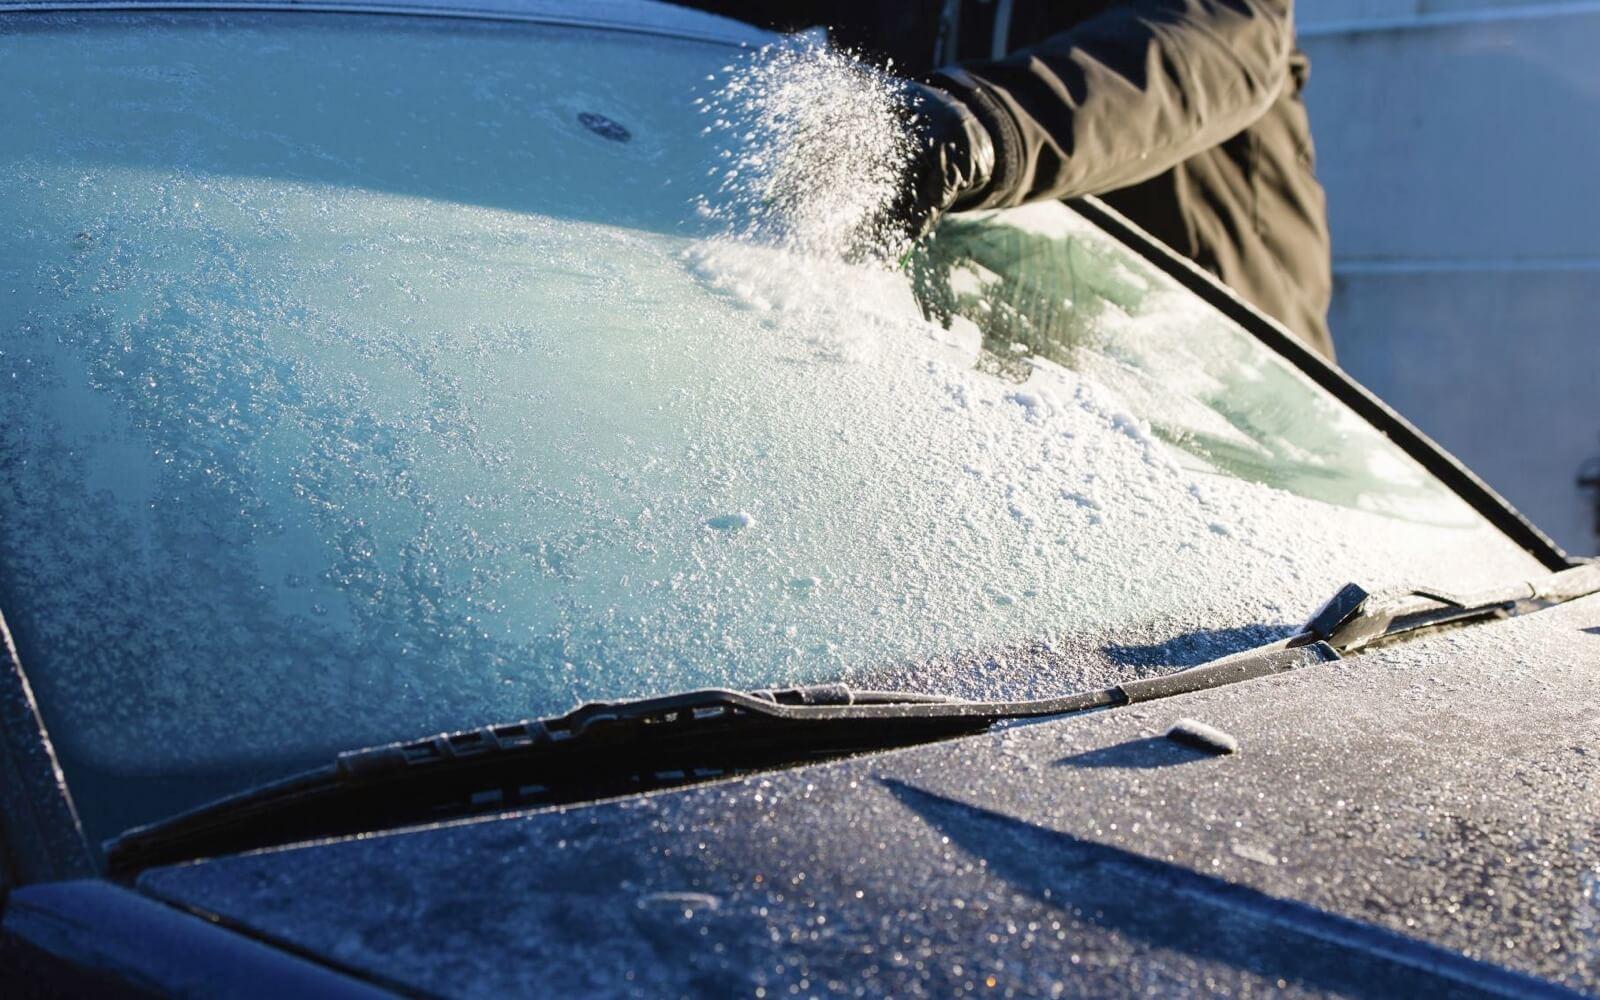 Quitar el hielo del parabrisas con rasqueta